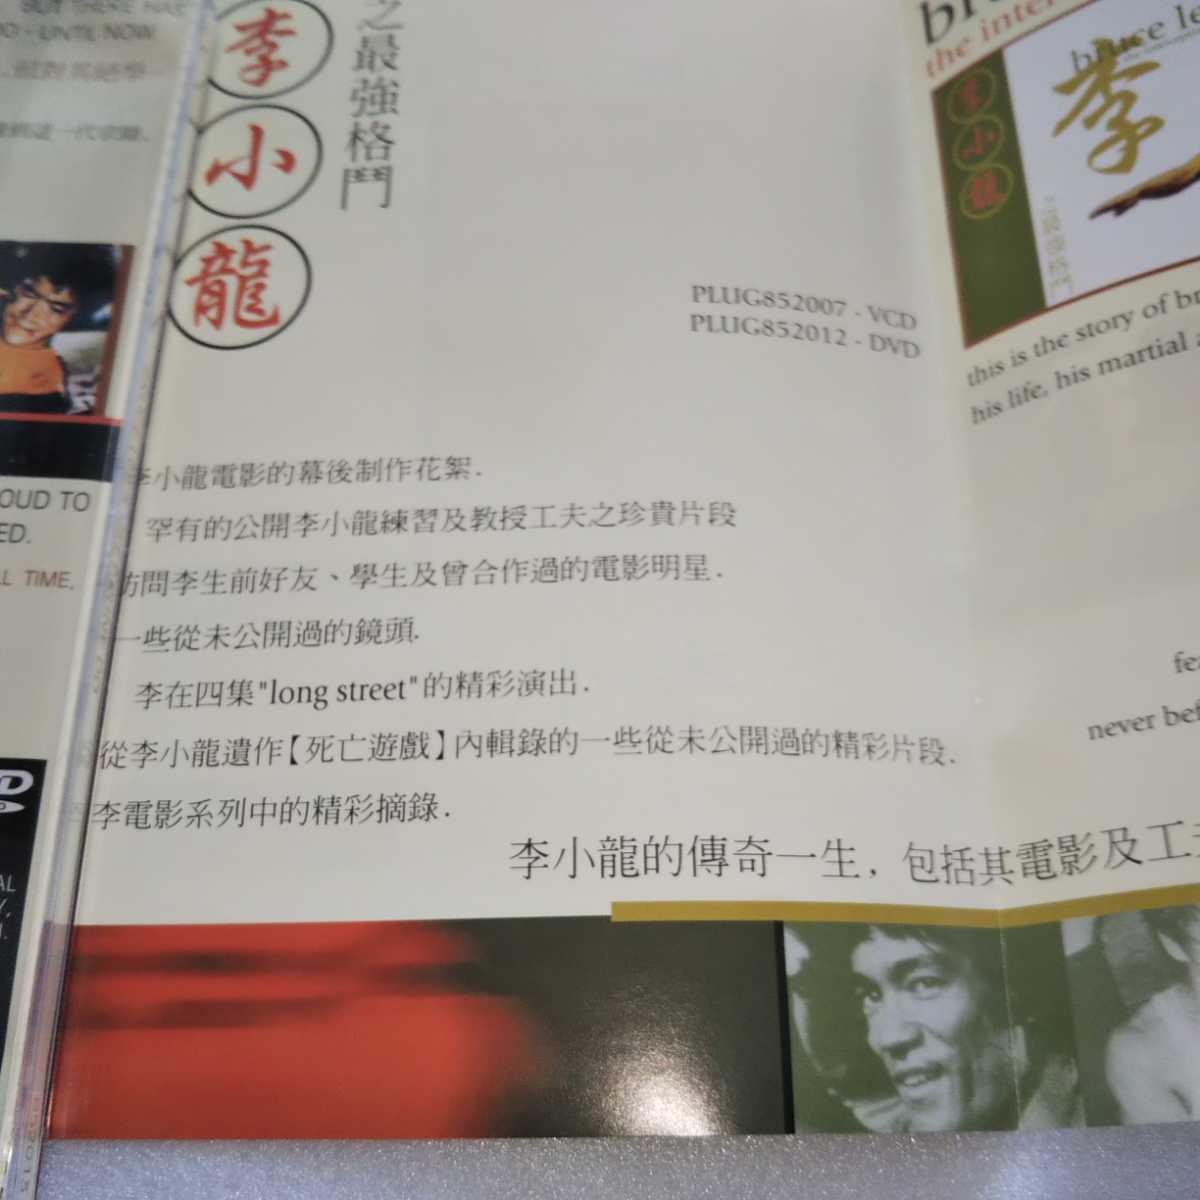 ブルース・リー BRUCE LEE'S JEET KUNE DO 香港盤DVD ジークンドー 李小龍之截拳道 ブランドン・リー ダン・イノサント カンフー ケース難_画像6